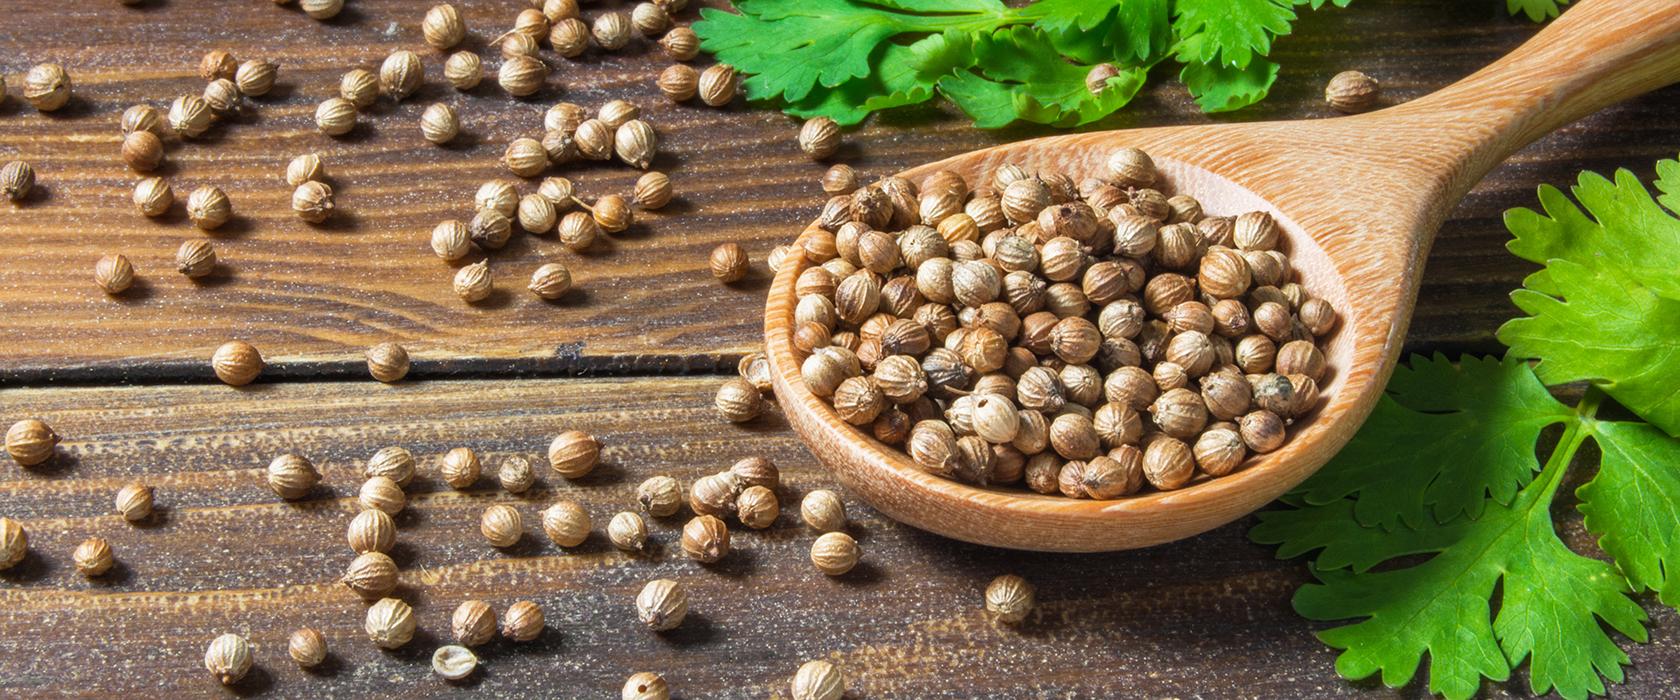 Кинза кориандр полезные свойства и противопоказания для здоровья человека